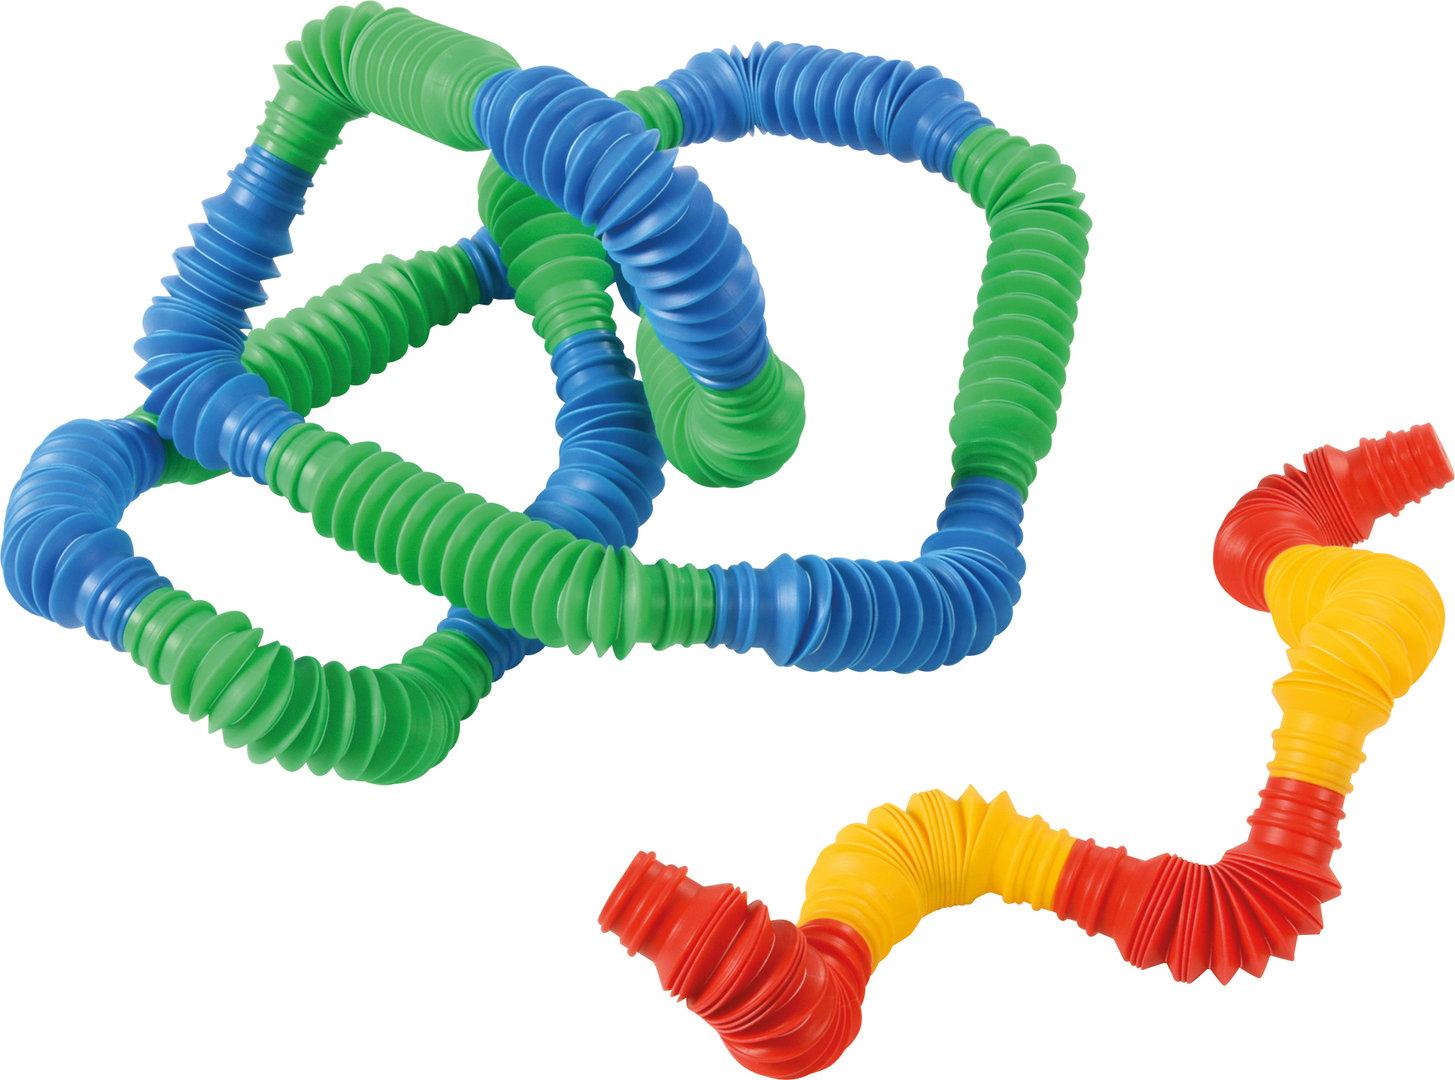 Flexröhrenset 80 Teile - Konstruktionsmaterial TOP Ziehröhren